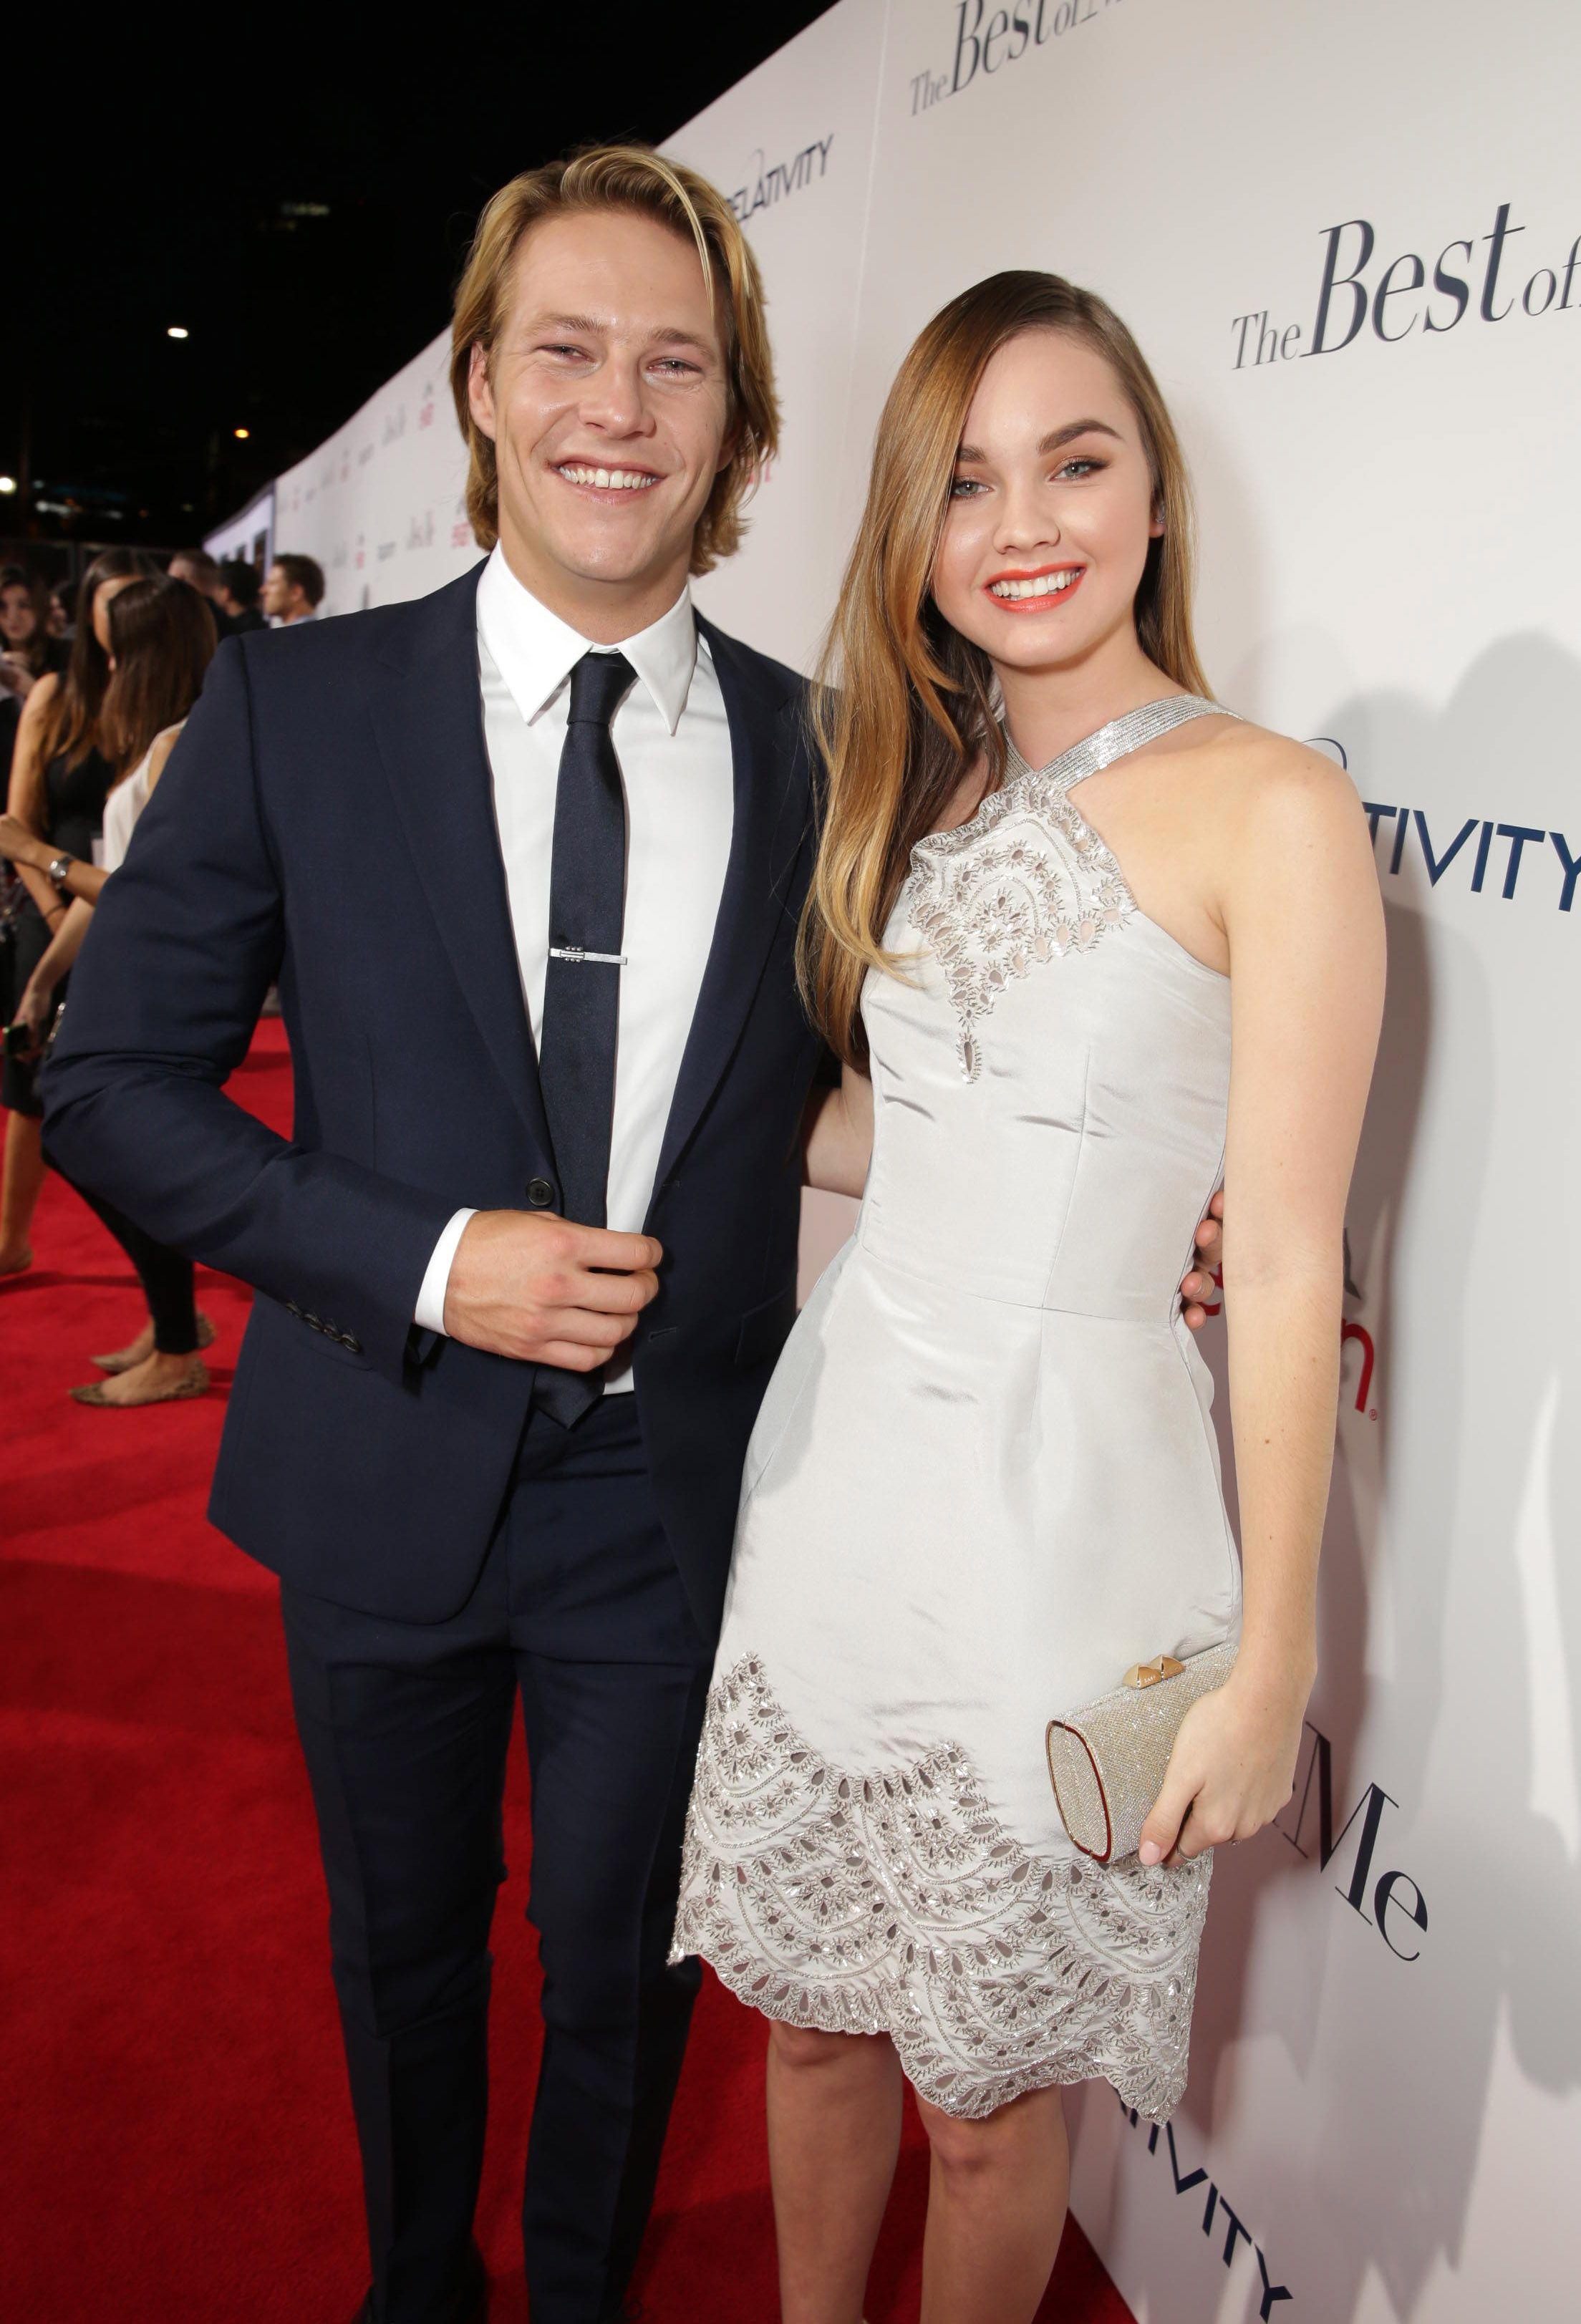 Luke Bracey And Liana Liberato Are Picture Perfect At Thebestofme Premiere Photo Eric Charbonneau Filmes Cinema Filme Vestidos